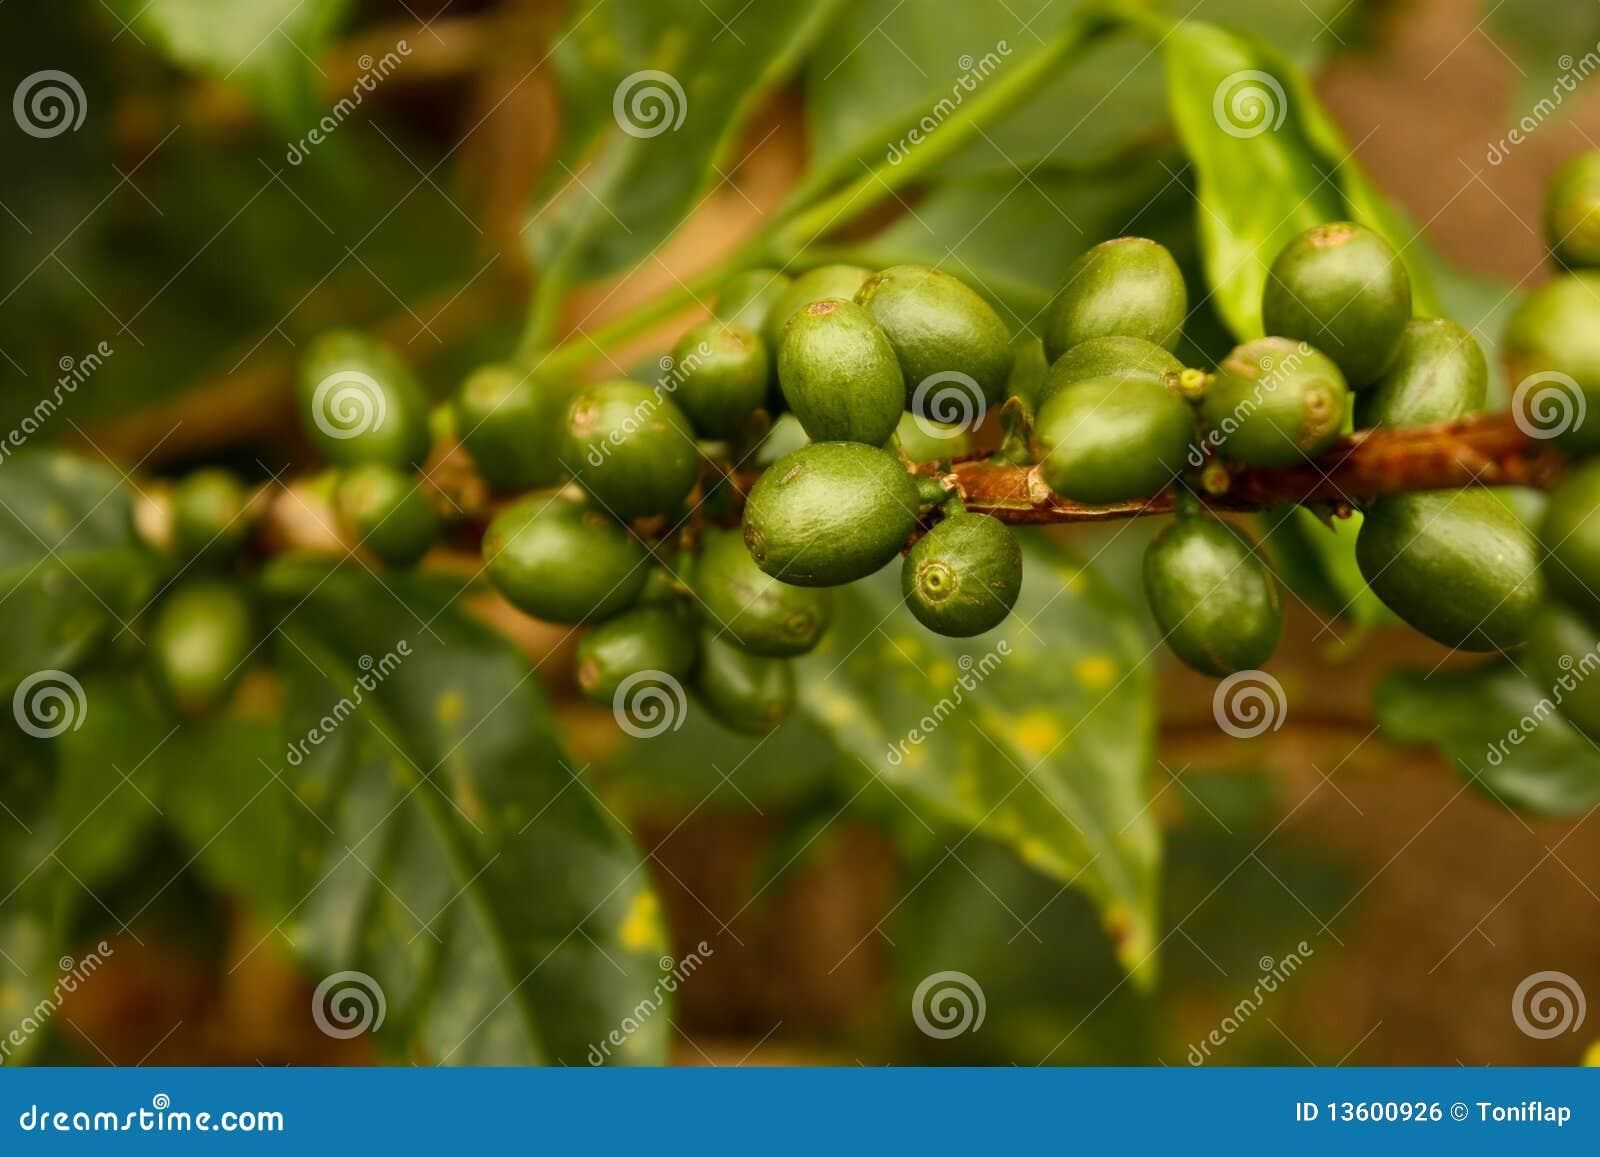 Café verde. Colômbia